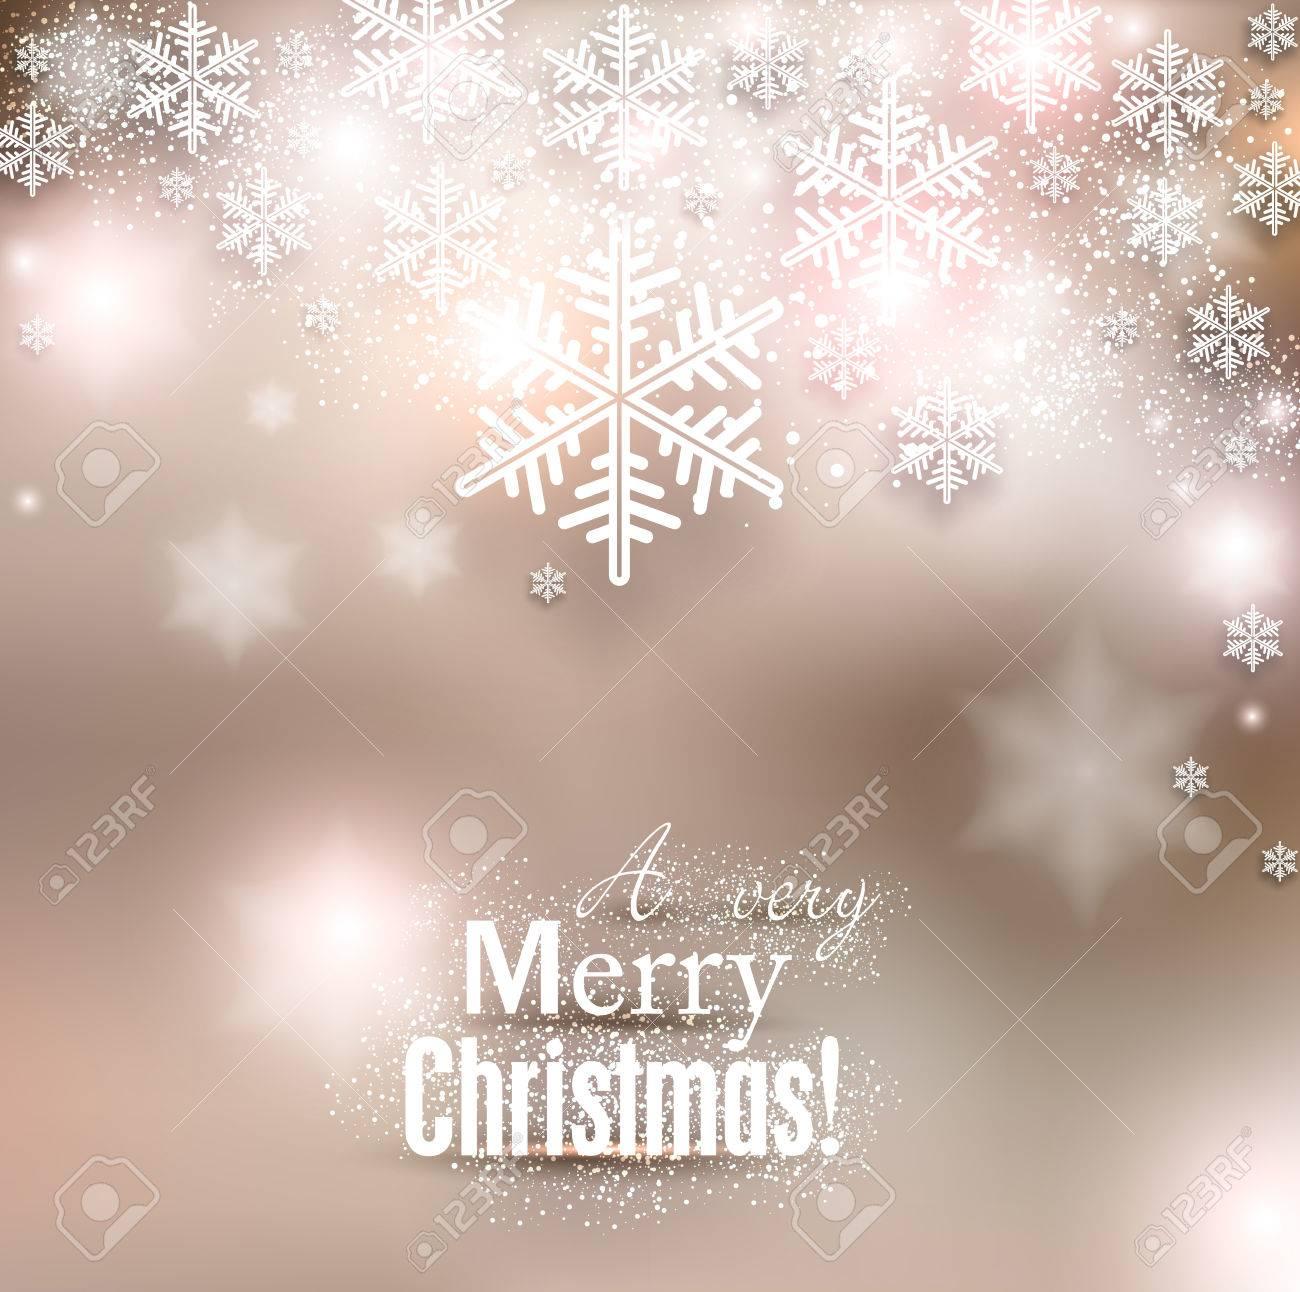 Sfondi Natalizi Eleganti.Elegante Sfondo Di Natale Con I Fiocchi Di Neve E Il Luogo Per Il Testo Illustrazione Vettoriale